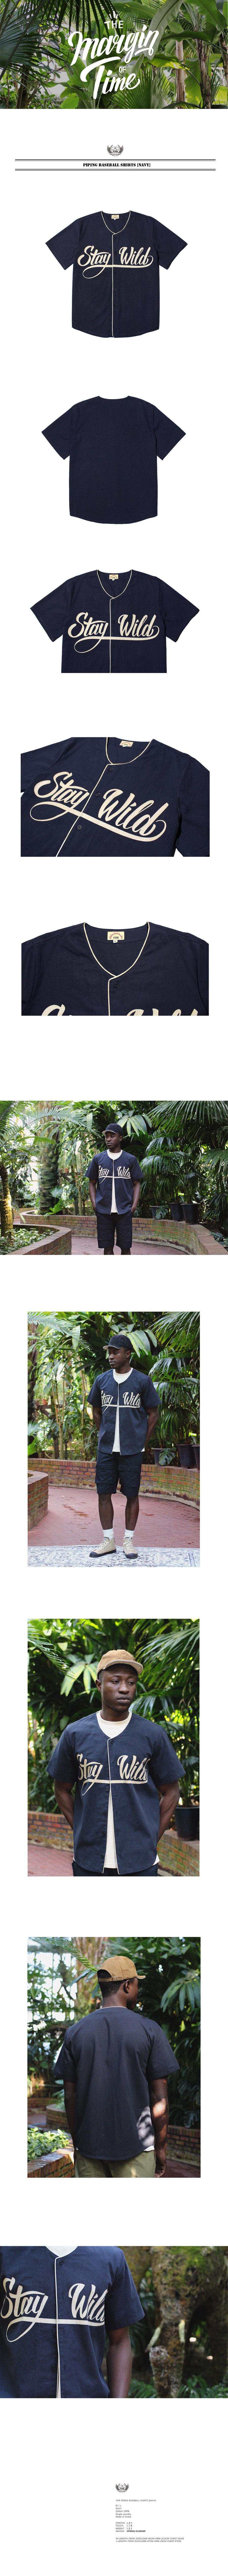 비디알(VDR) 파이핑 베이스볼 셔츠[네이비]